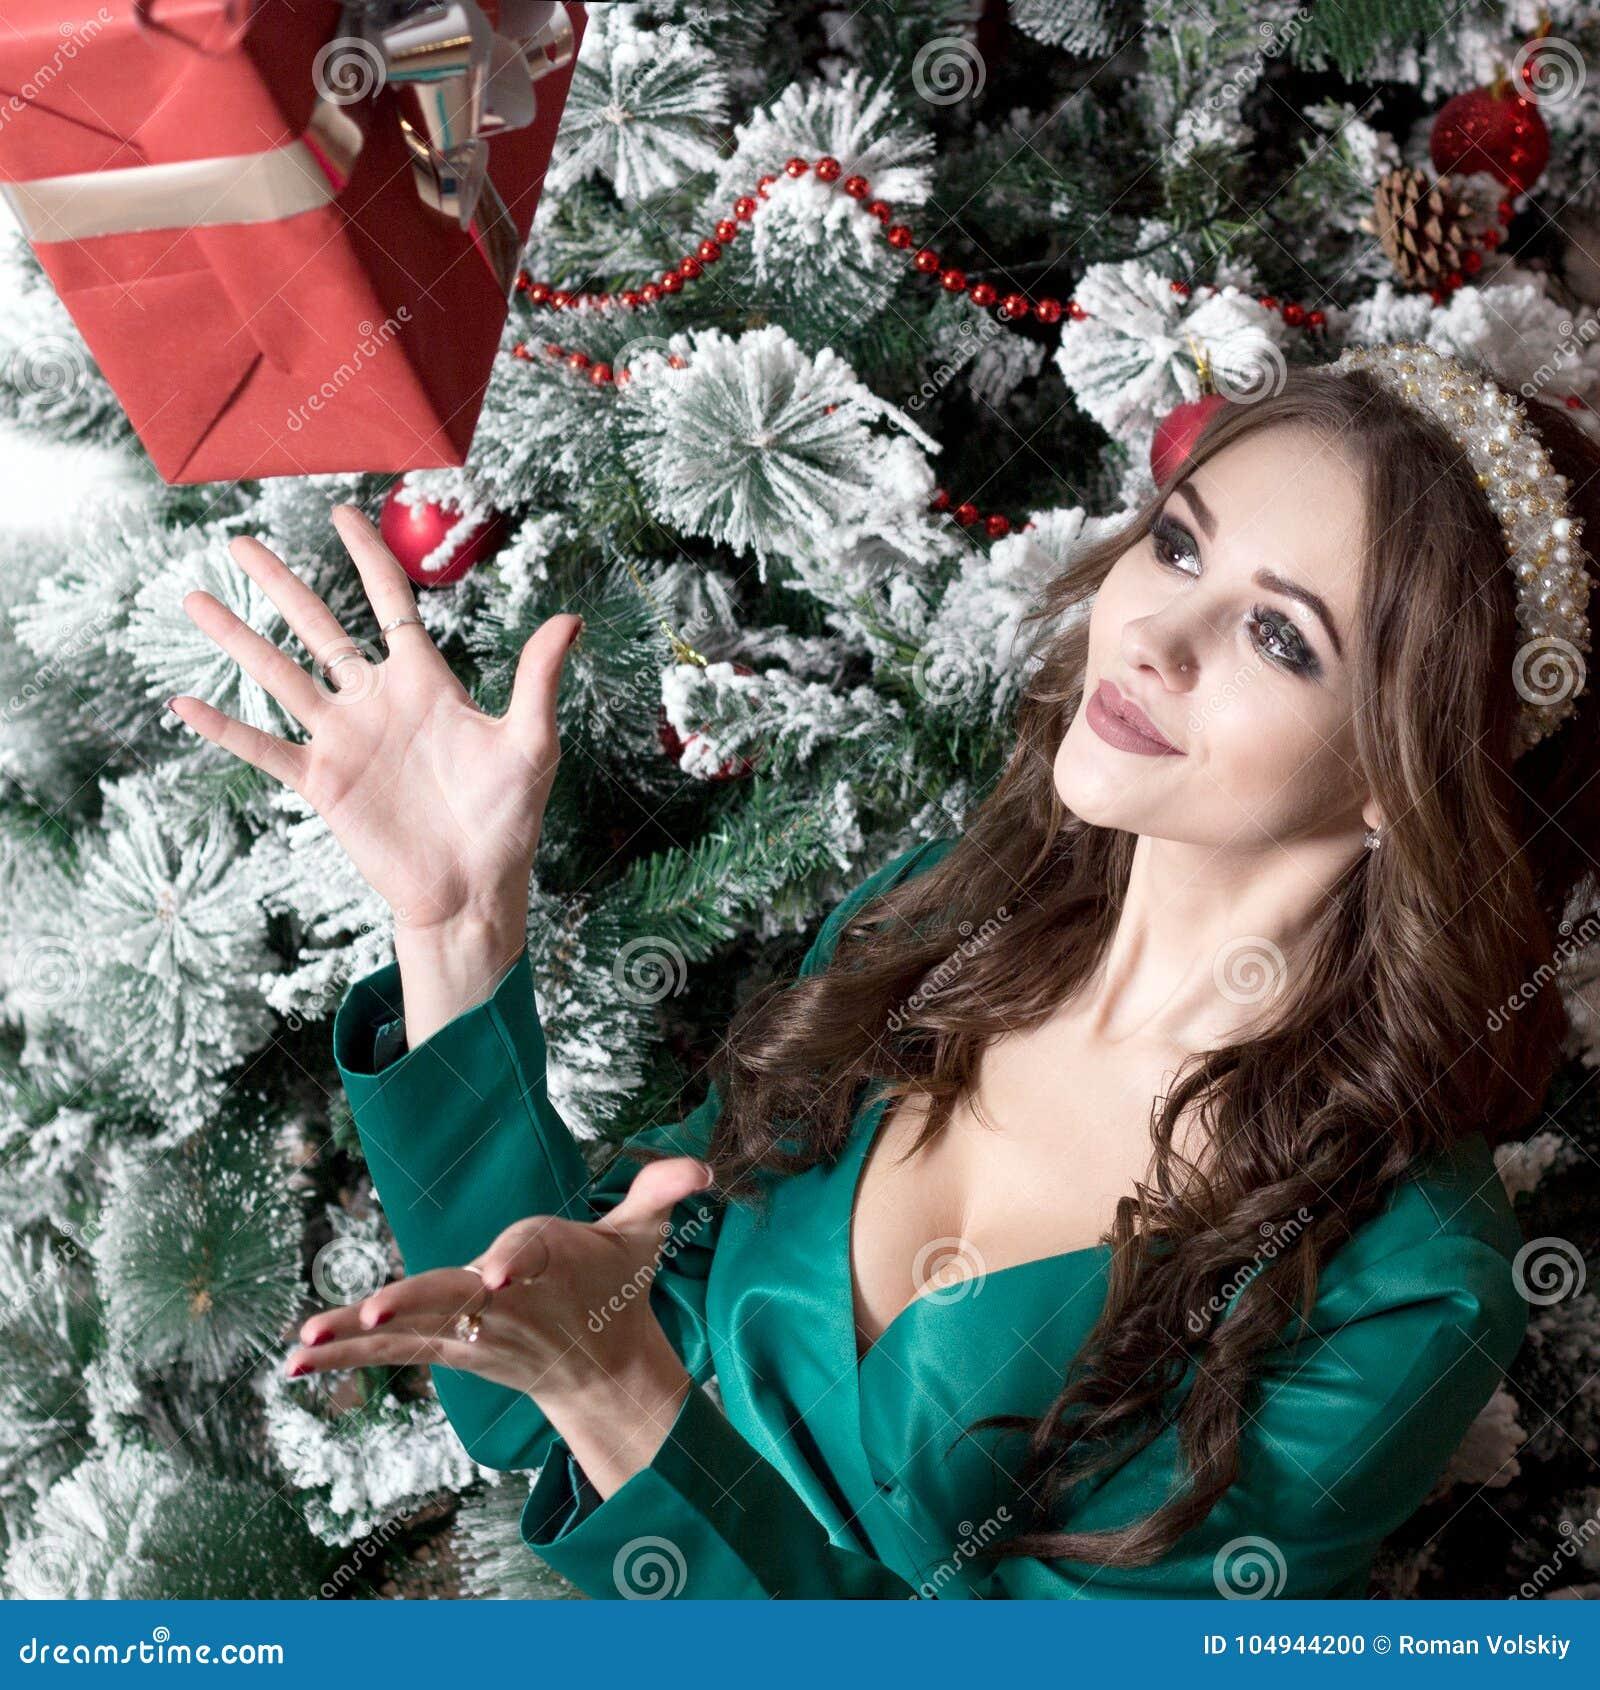 bd2aeadca8e6 Красивая девушка с длинными волосами в зеленом платье с вырезом на ее  комоде улавливает красную коробку